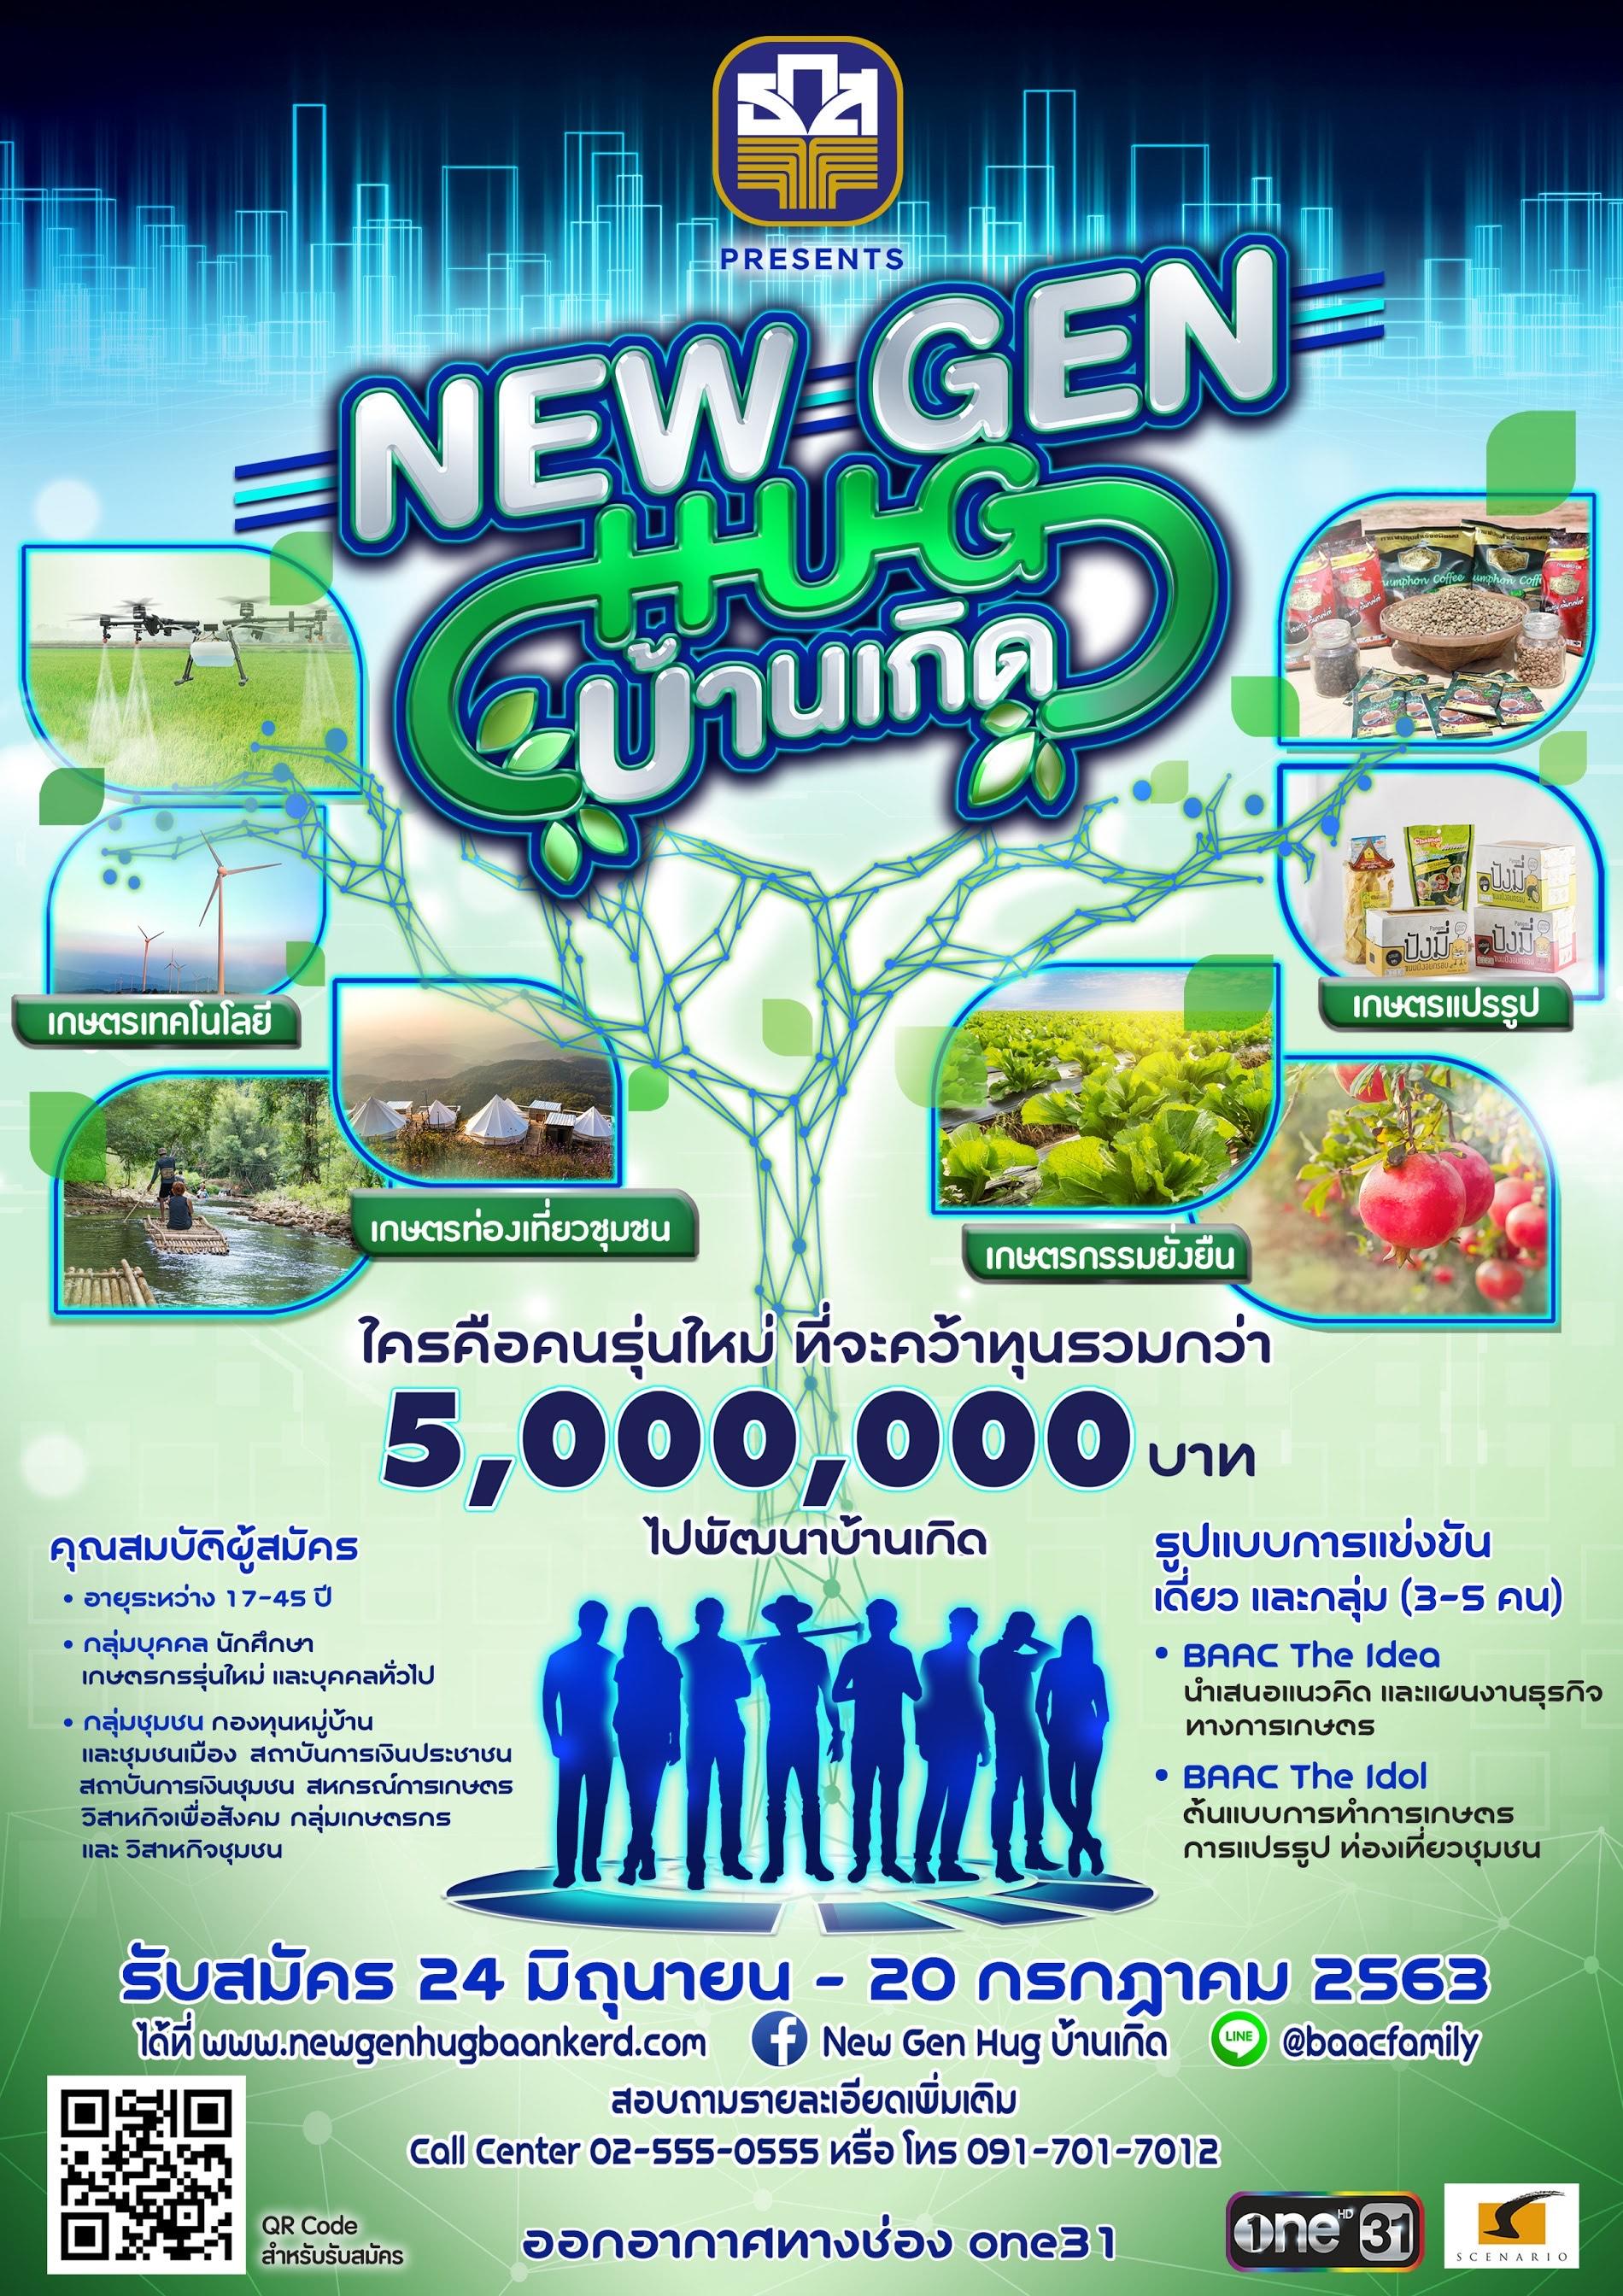 """ธ.ก.ส. ขับเคลื่อนเศรษฐกิจพอเพียงสร้างไทยผ่านโครงการ """"New Gen Hug บ้านเกิด"""" ค้นหาเกษตรกรรุ่นใหม่ ต่อยอดสู่ธุรกิจชุมชนอย่างยั่งยืน"""